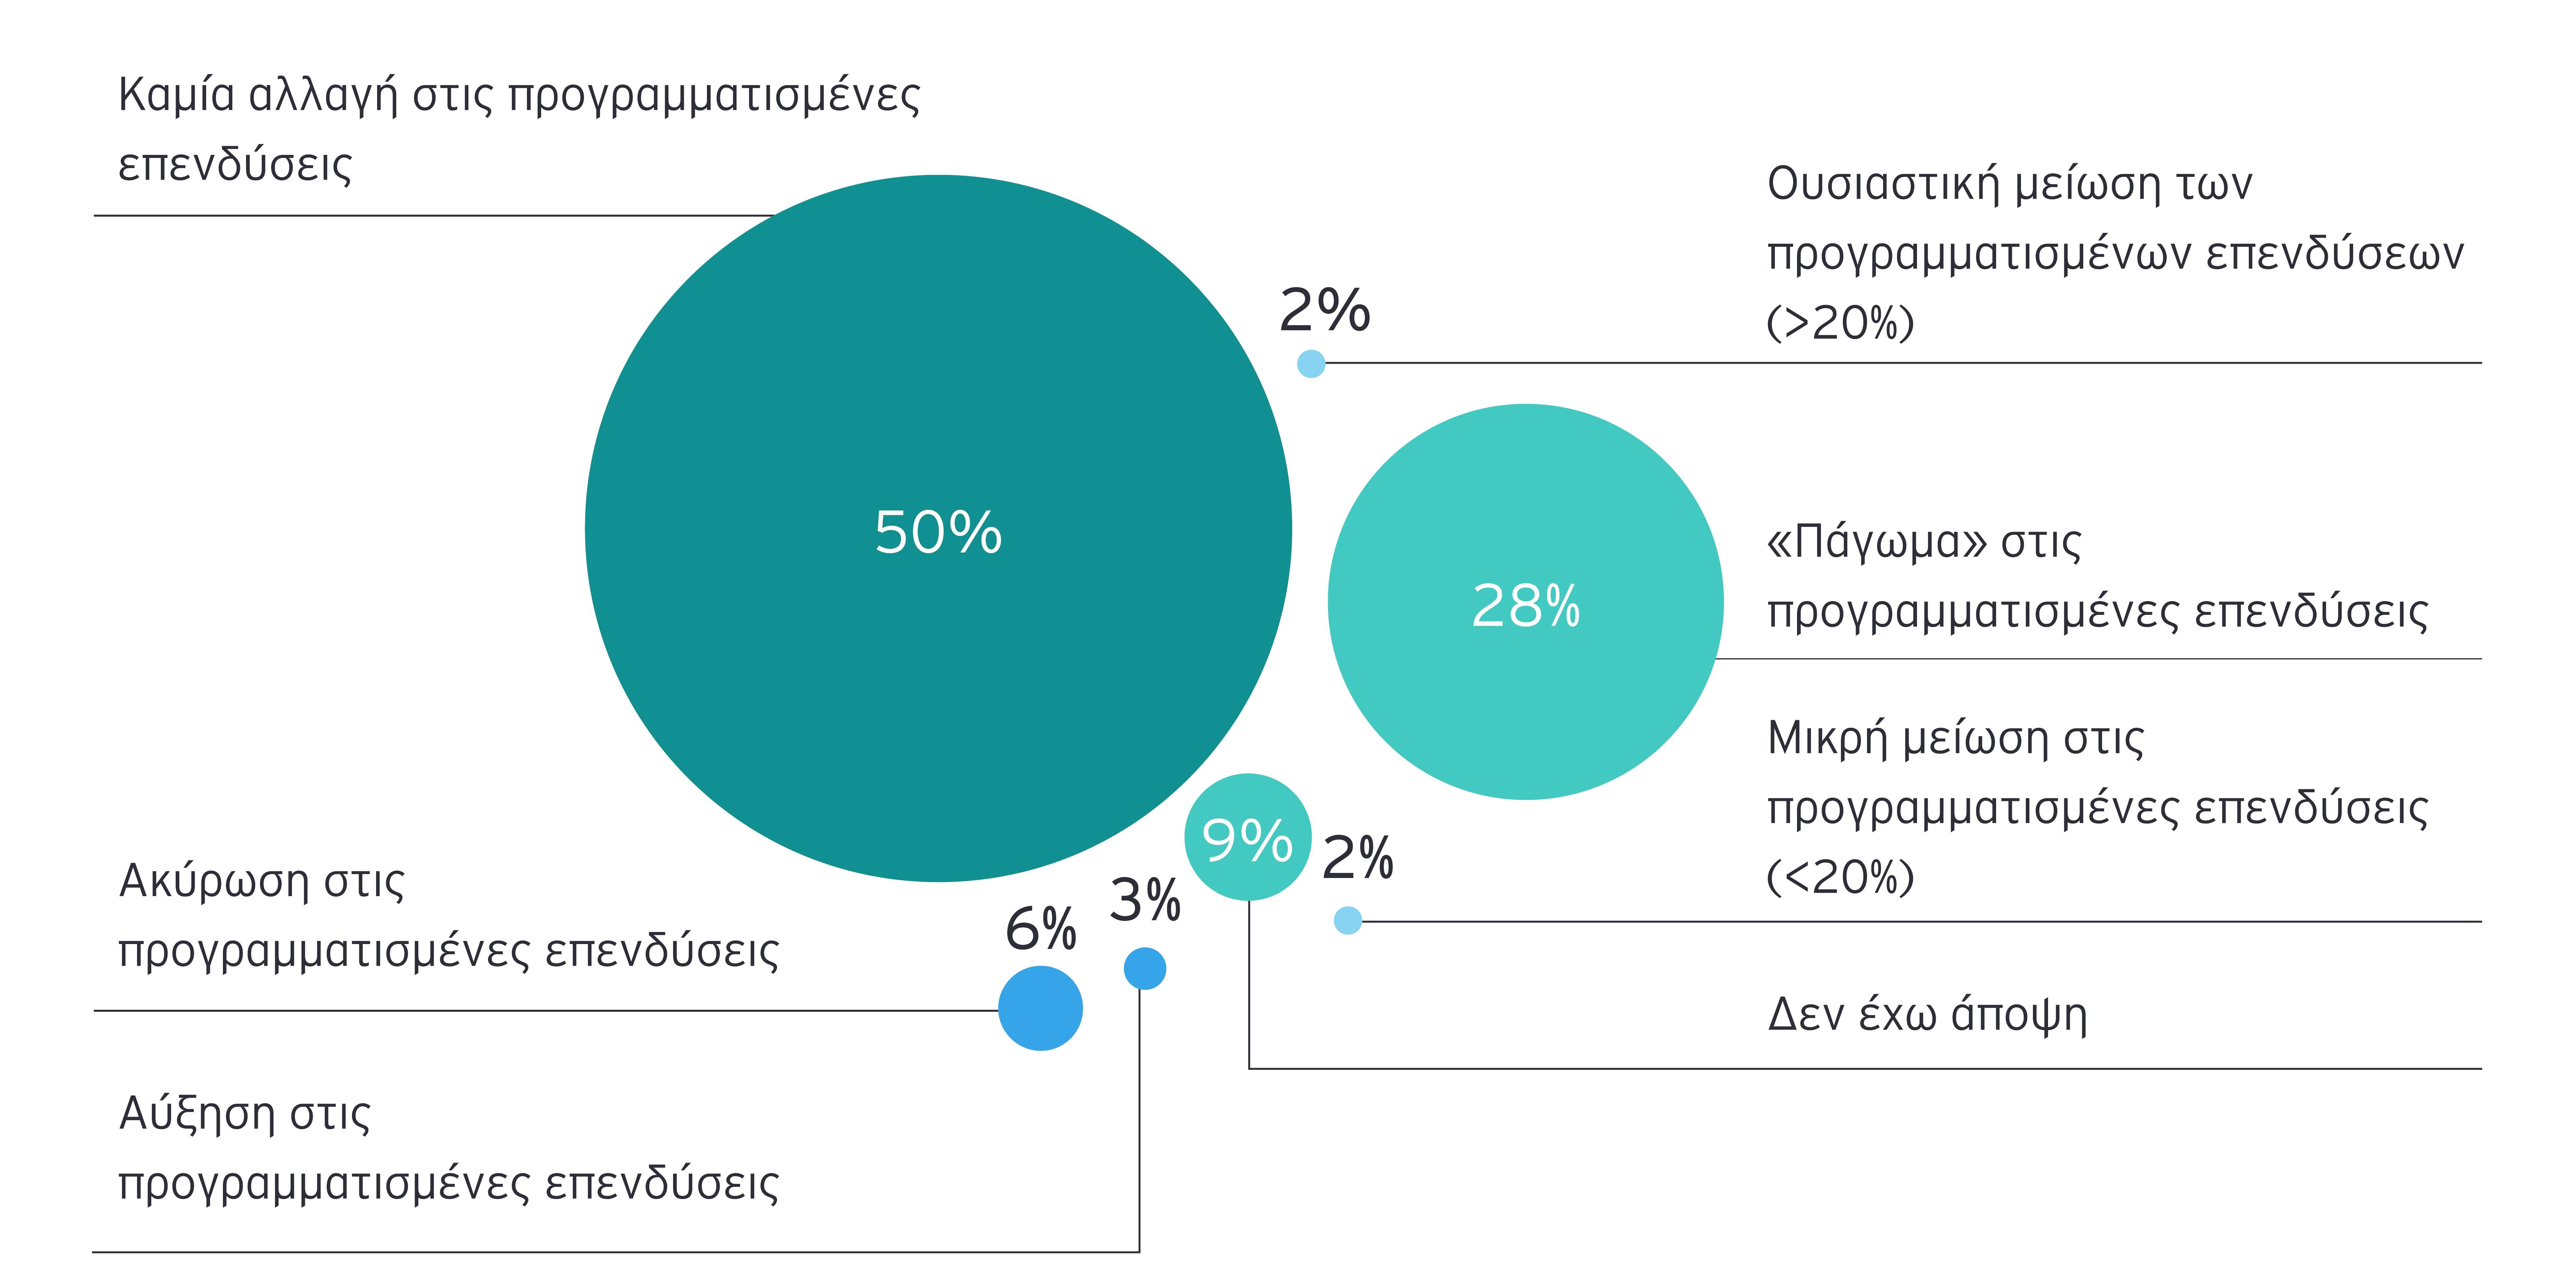 Η αποτελεσματική διαχείριση της κρίσης του COVID-19, φαίνεται να βελτιώνει την εικόνα της χώρας, με τα σχέδια των επενδυτών να μην επηρεάζονται δραματικά